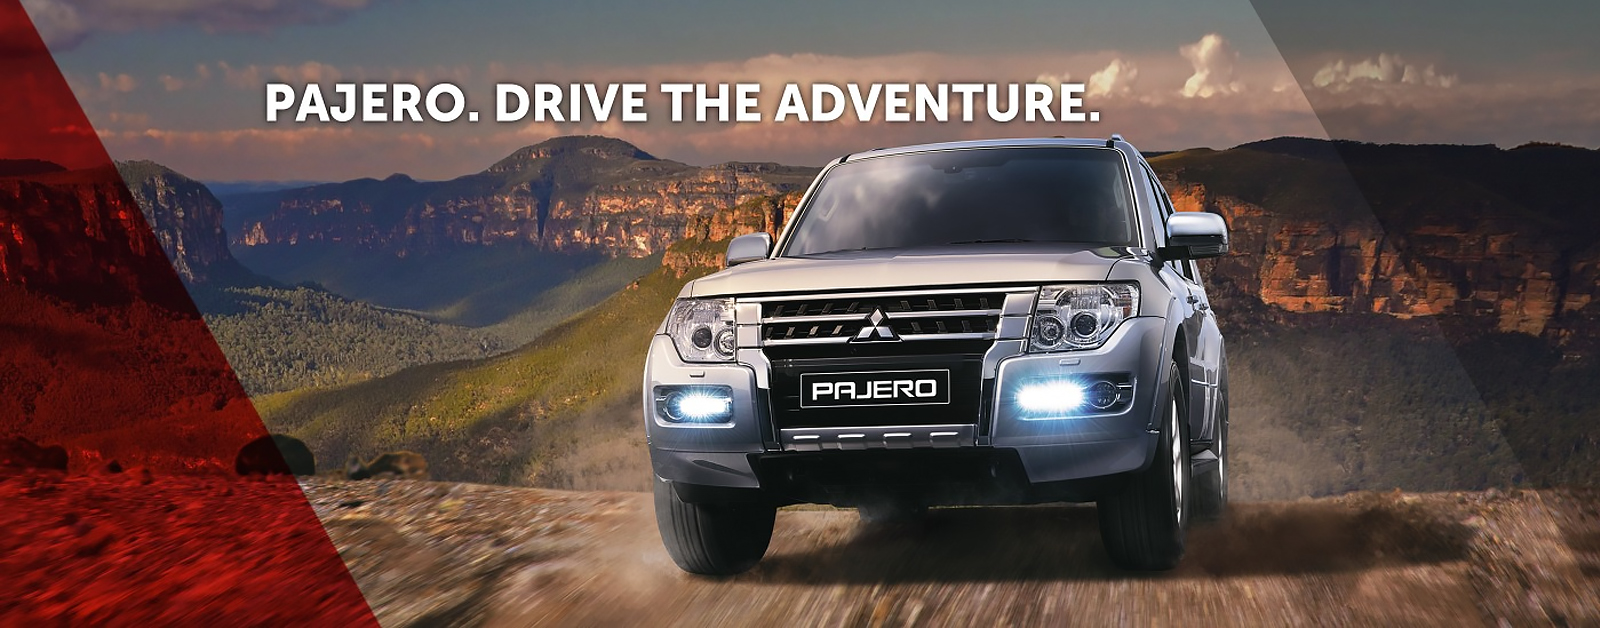 Explore off-road in the Mitsubishi Pajero 4x4. Drive the adventure at Nundah Mitsubishi Brisbane.